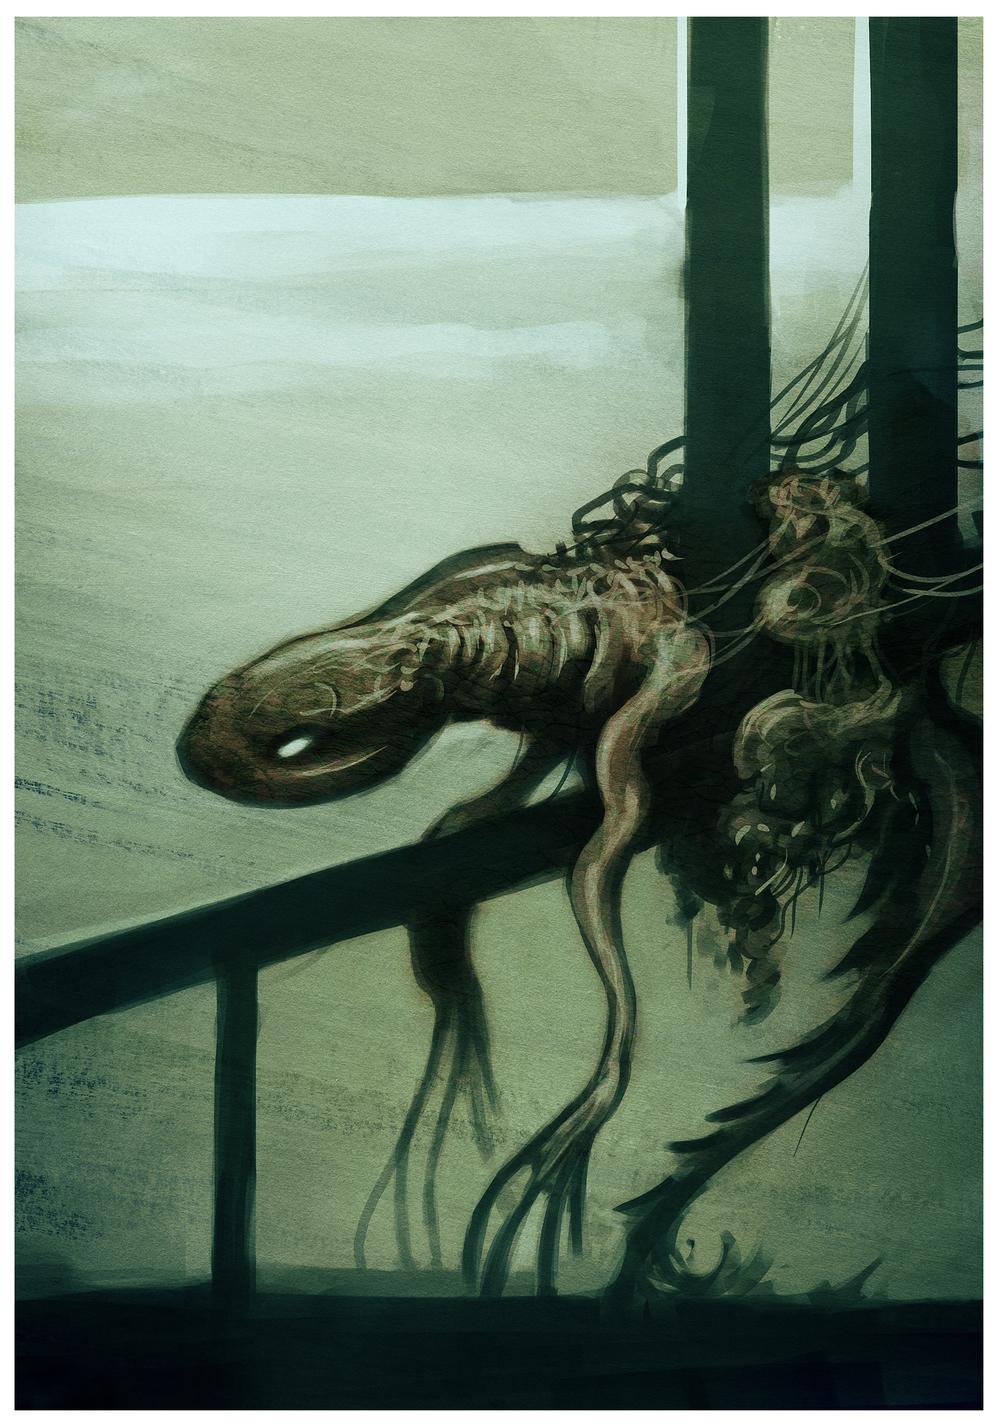 john-bergin-salamander.jpg